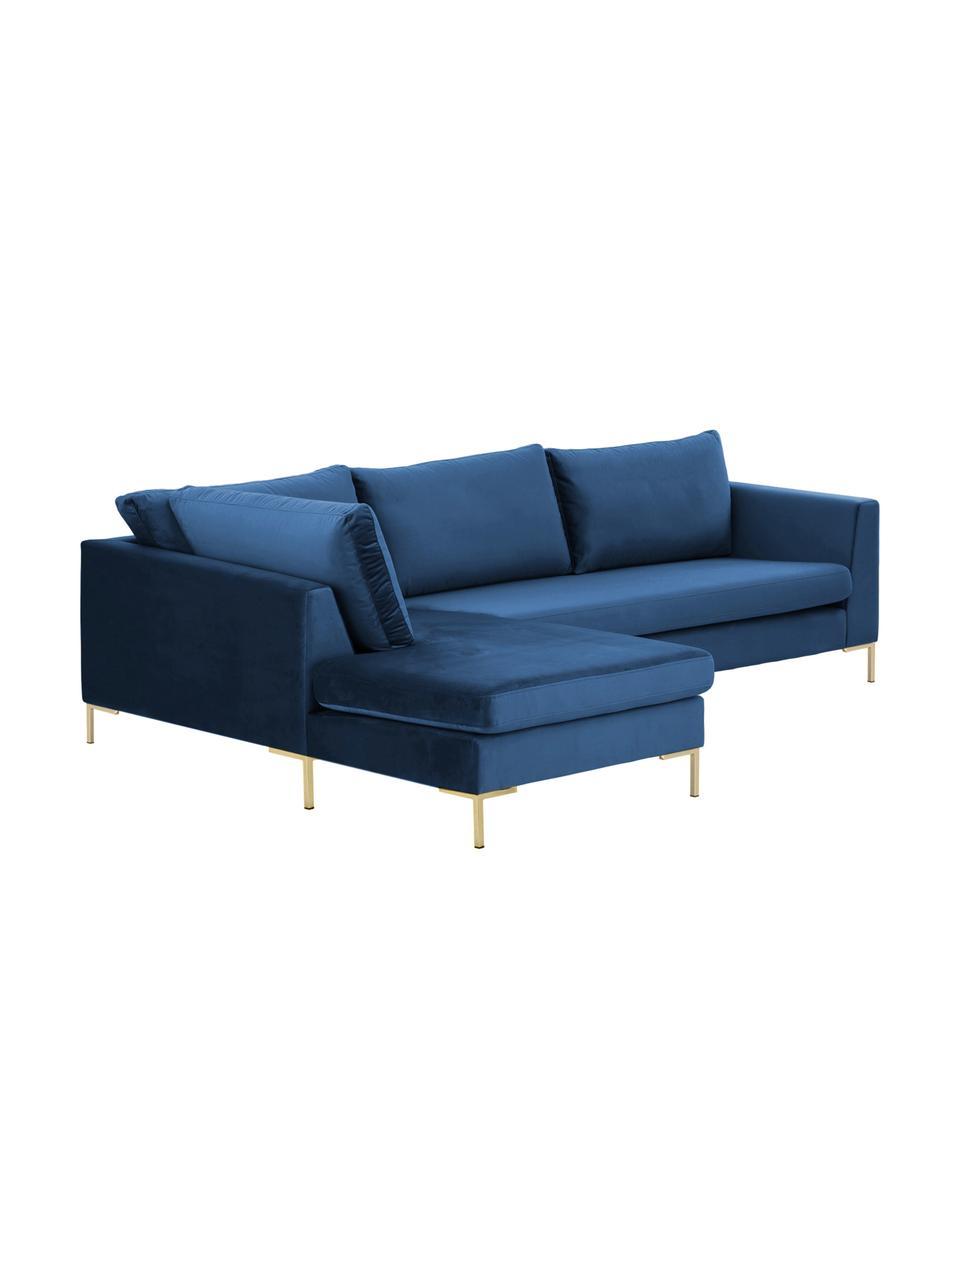 Sofa narożna z aksamitu z metalowymi nogami Luna, Tapicerka: aksamit (100% poliester) , Nogi: metal galwanizowany, Aksamitny niebieski, złoty, S 280 x G 184 cm